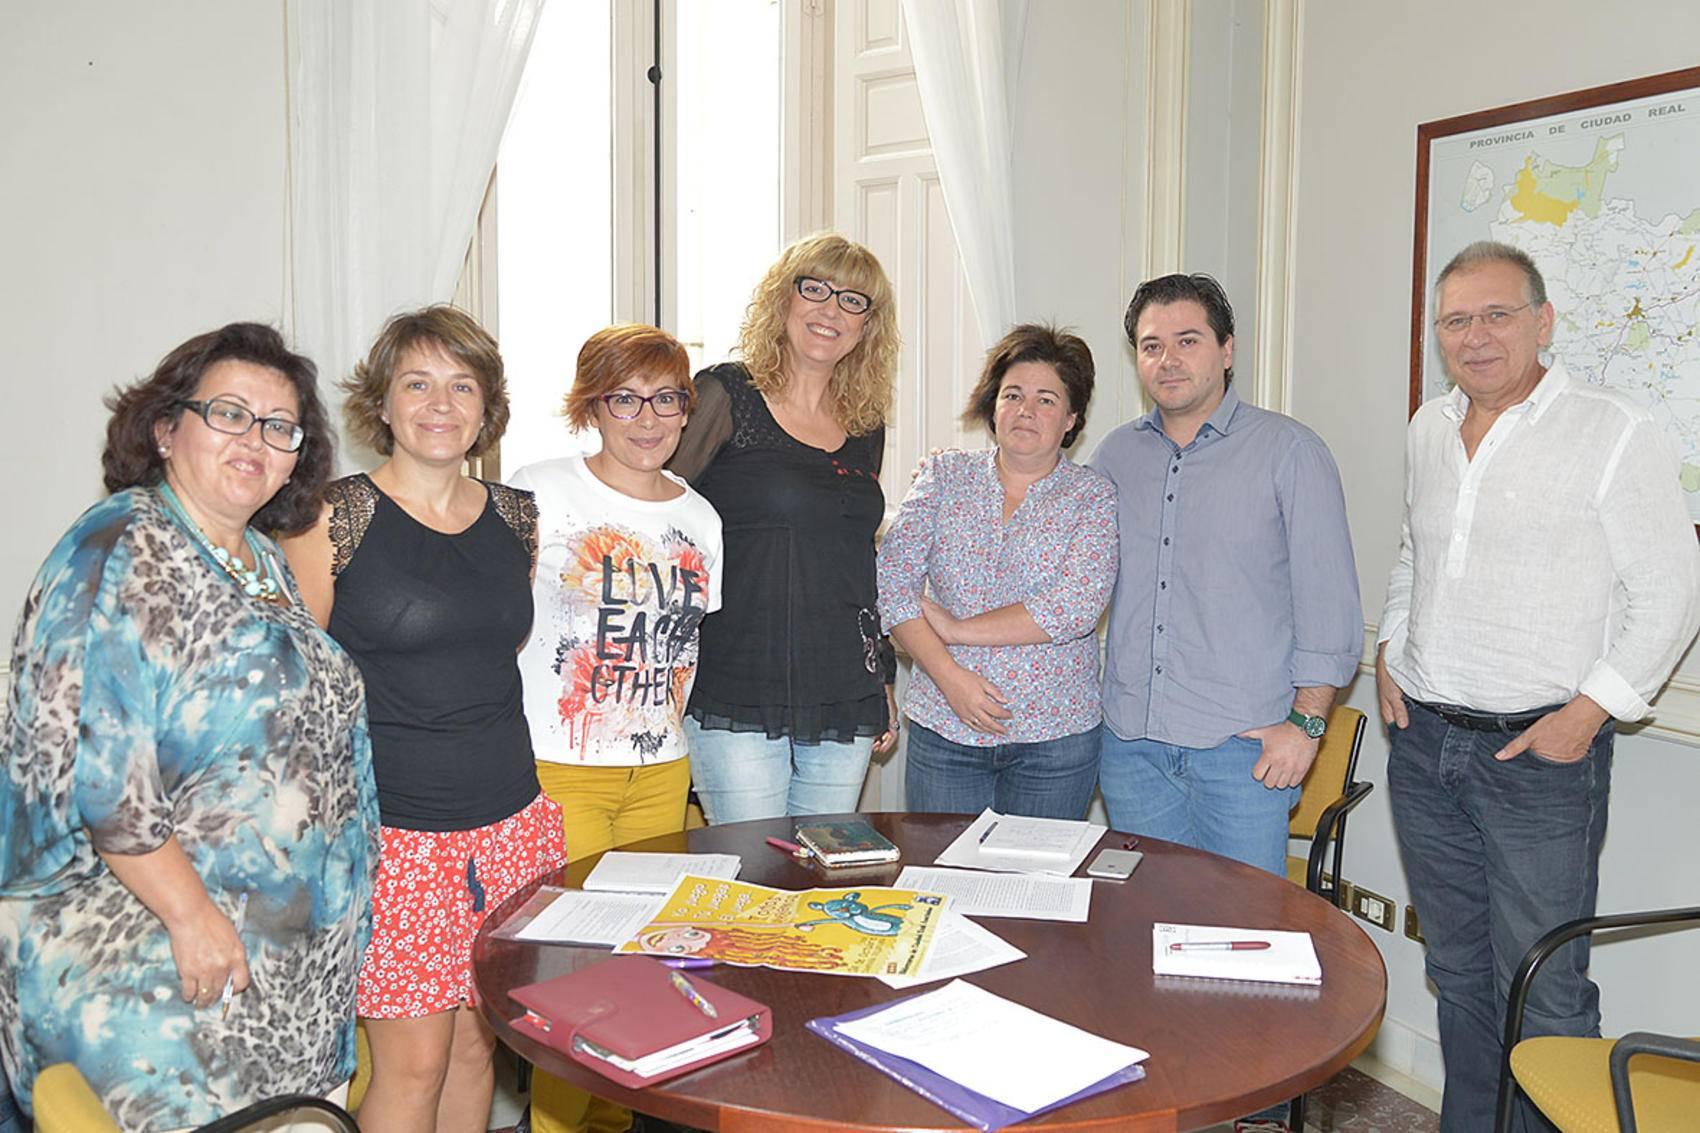 Reunion de biblotecarios de Ciudad Real en la diputaci%C3%B3n - Los bibliotecarios de Ciudad Real presentan su programa en Diputación